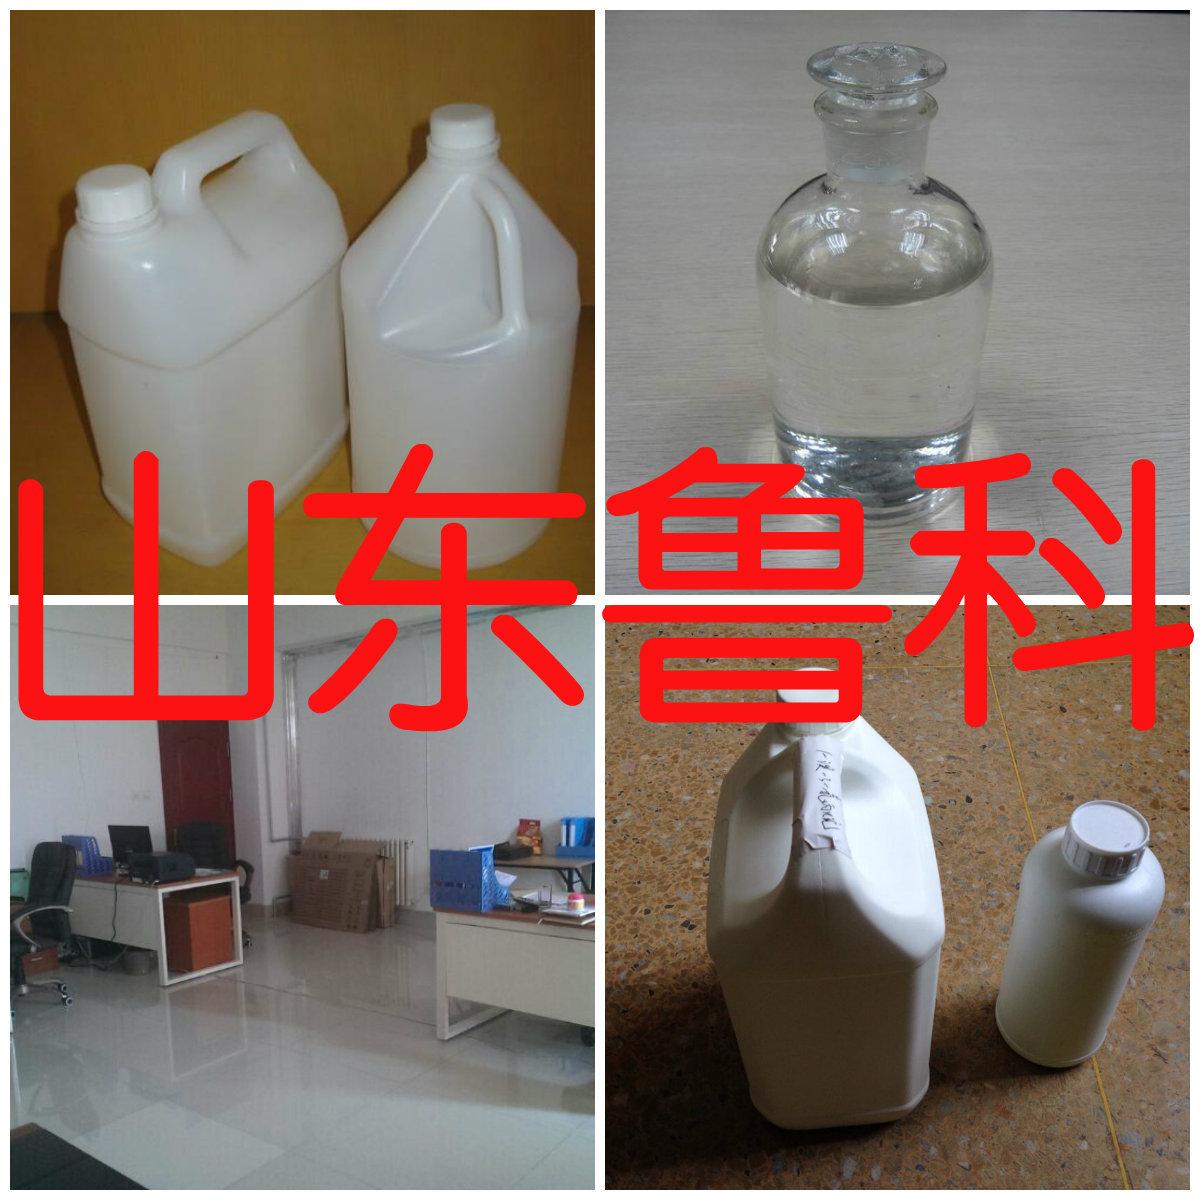 茉莉香精 年产量大 专业生产茉莉香精 畅销全国 山东鲁科